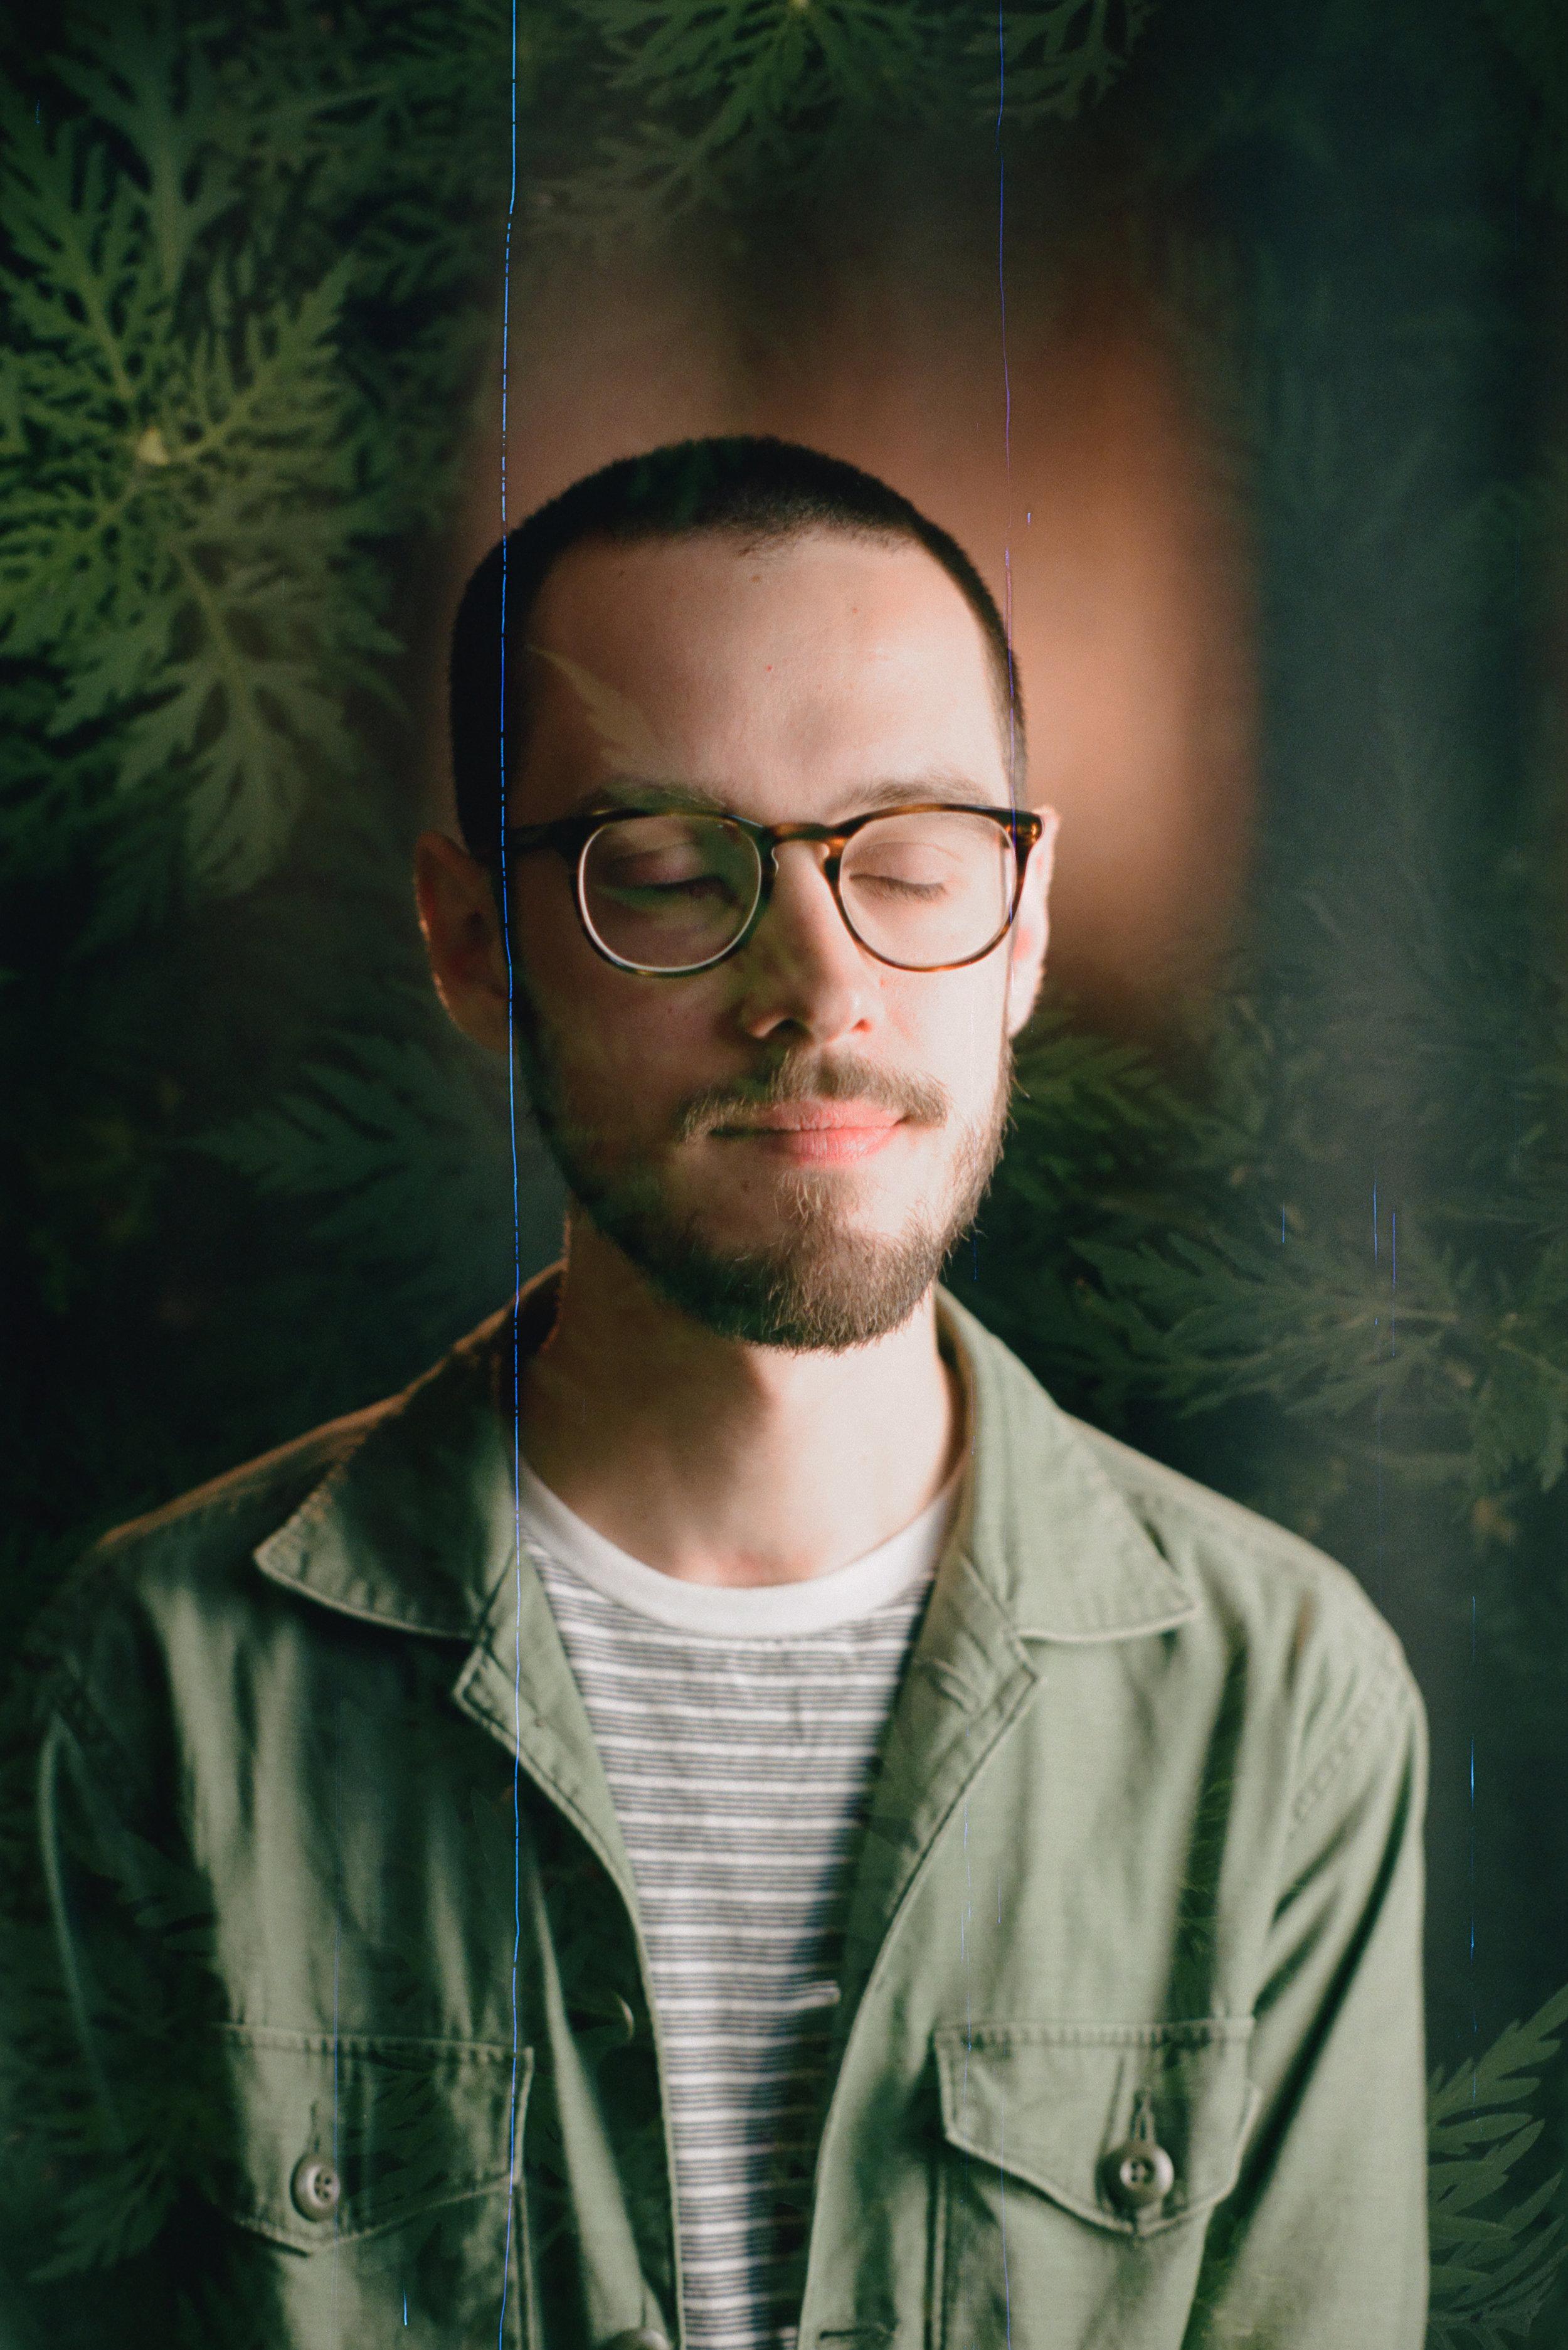 Dustin Laurenzi, musician  https://www.dustinlaurenzi.com/